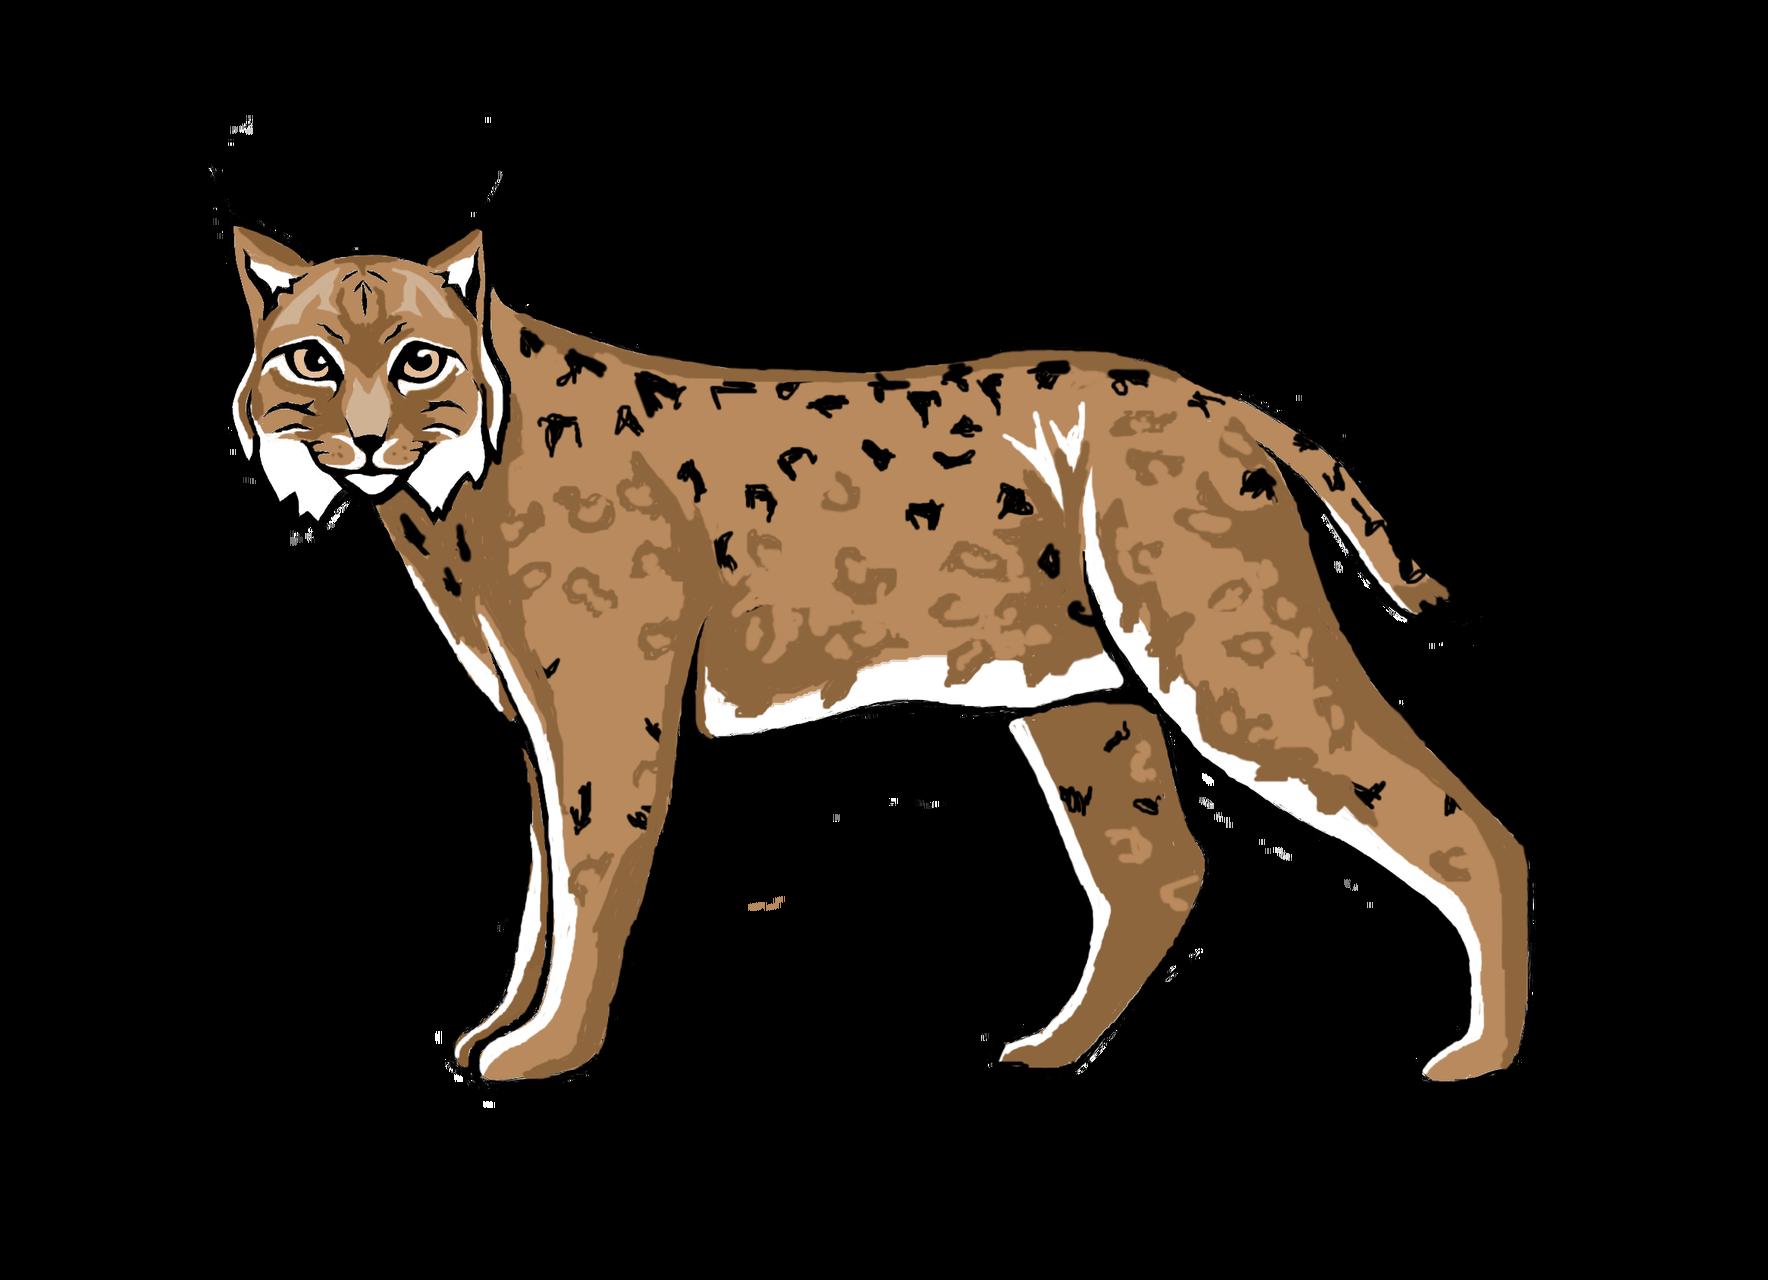 Geogame finde vielfalt simulation. Wildcat clipart lynx